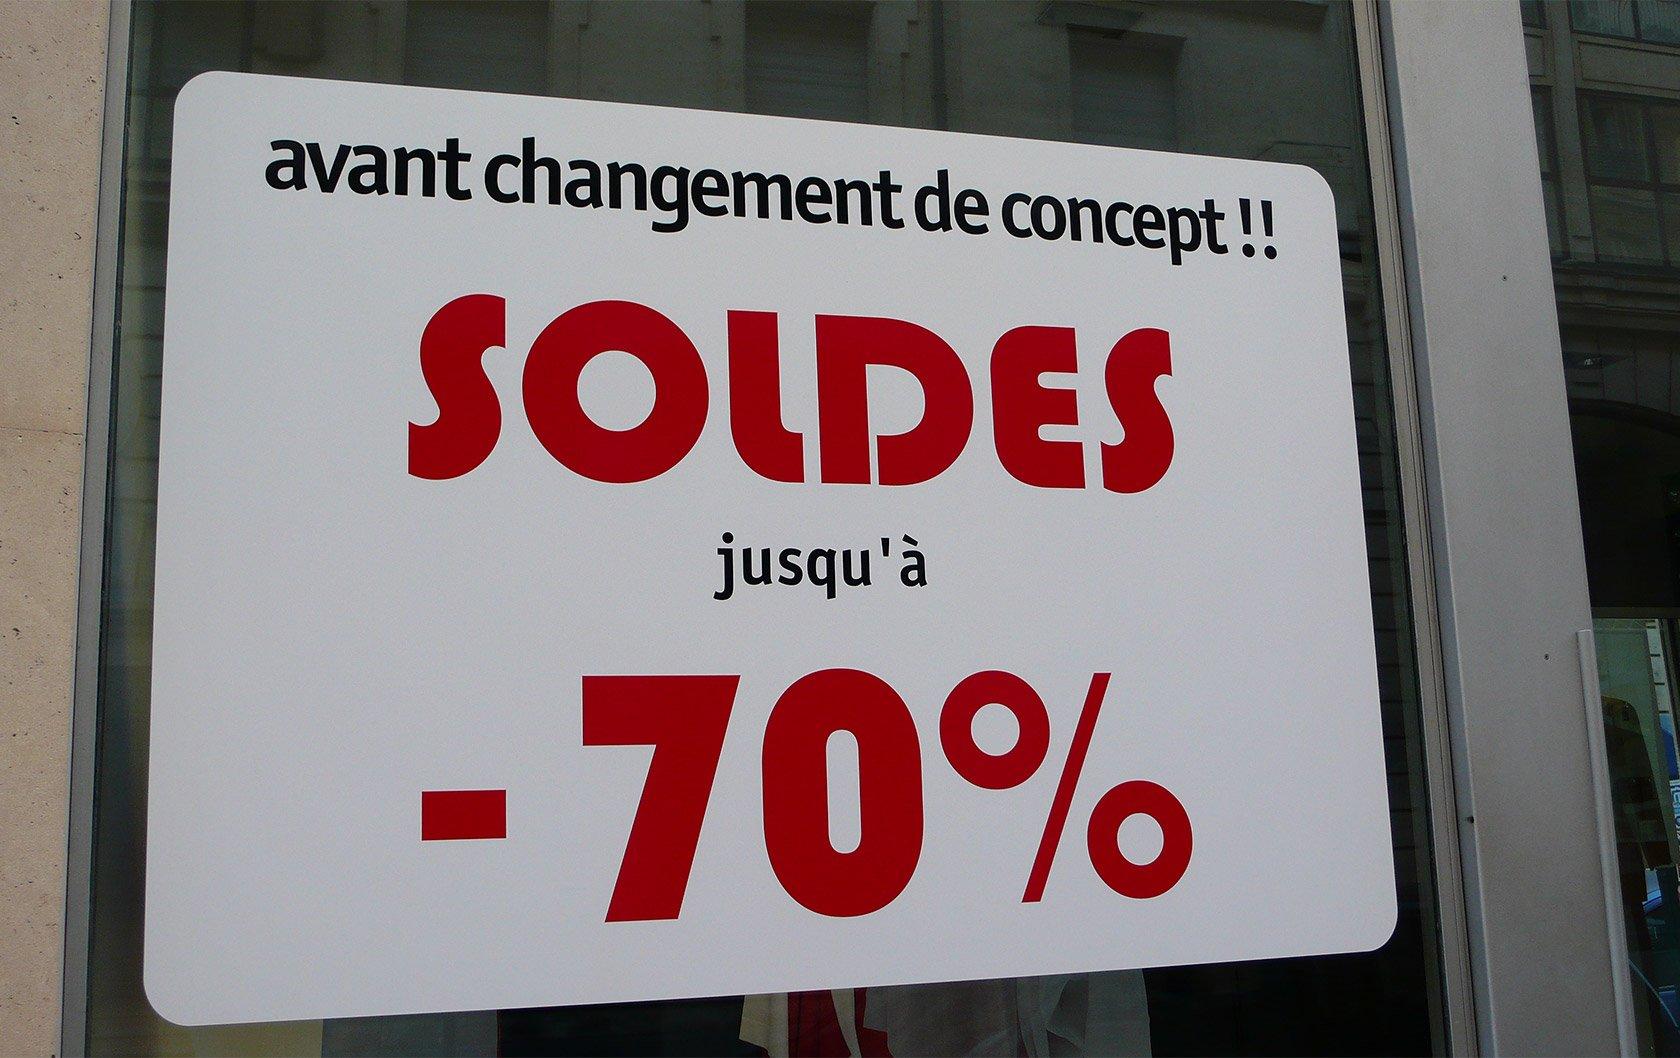 soldes-2010-70-percent